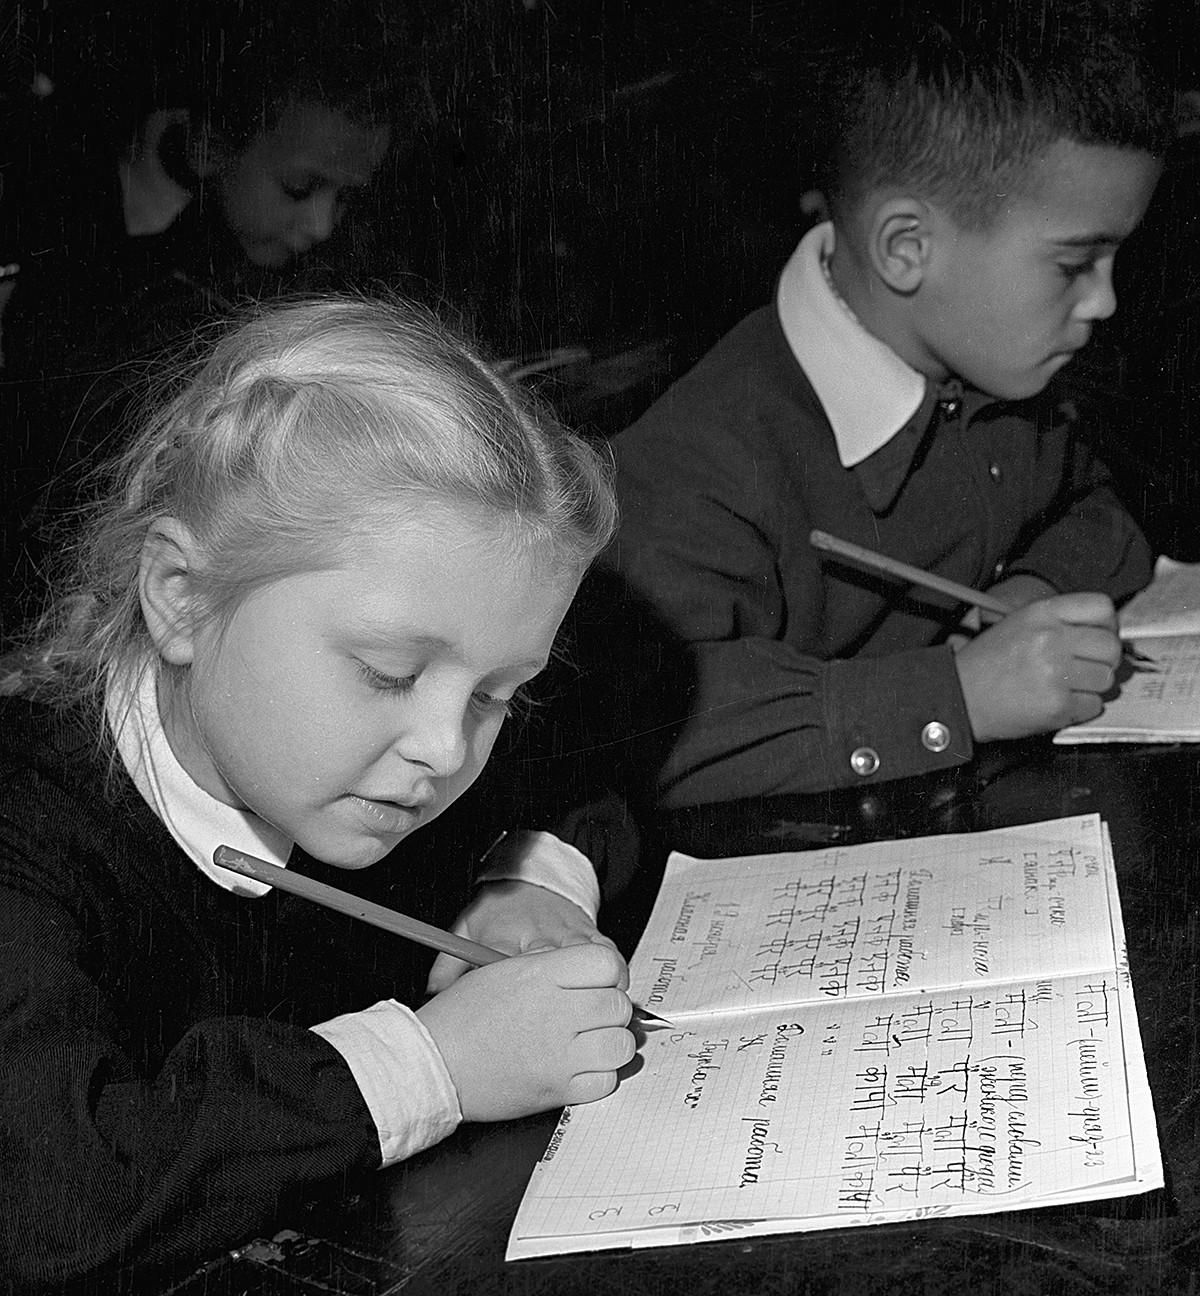 Школьники на уроке. 1959